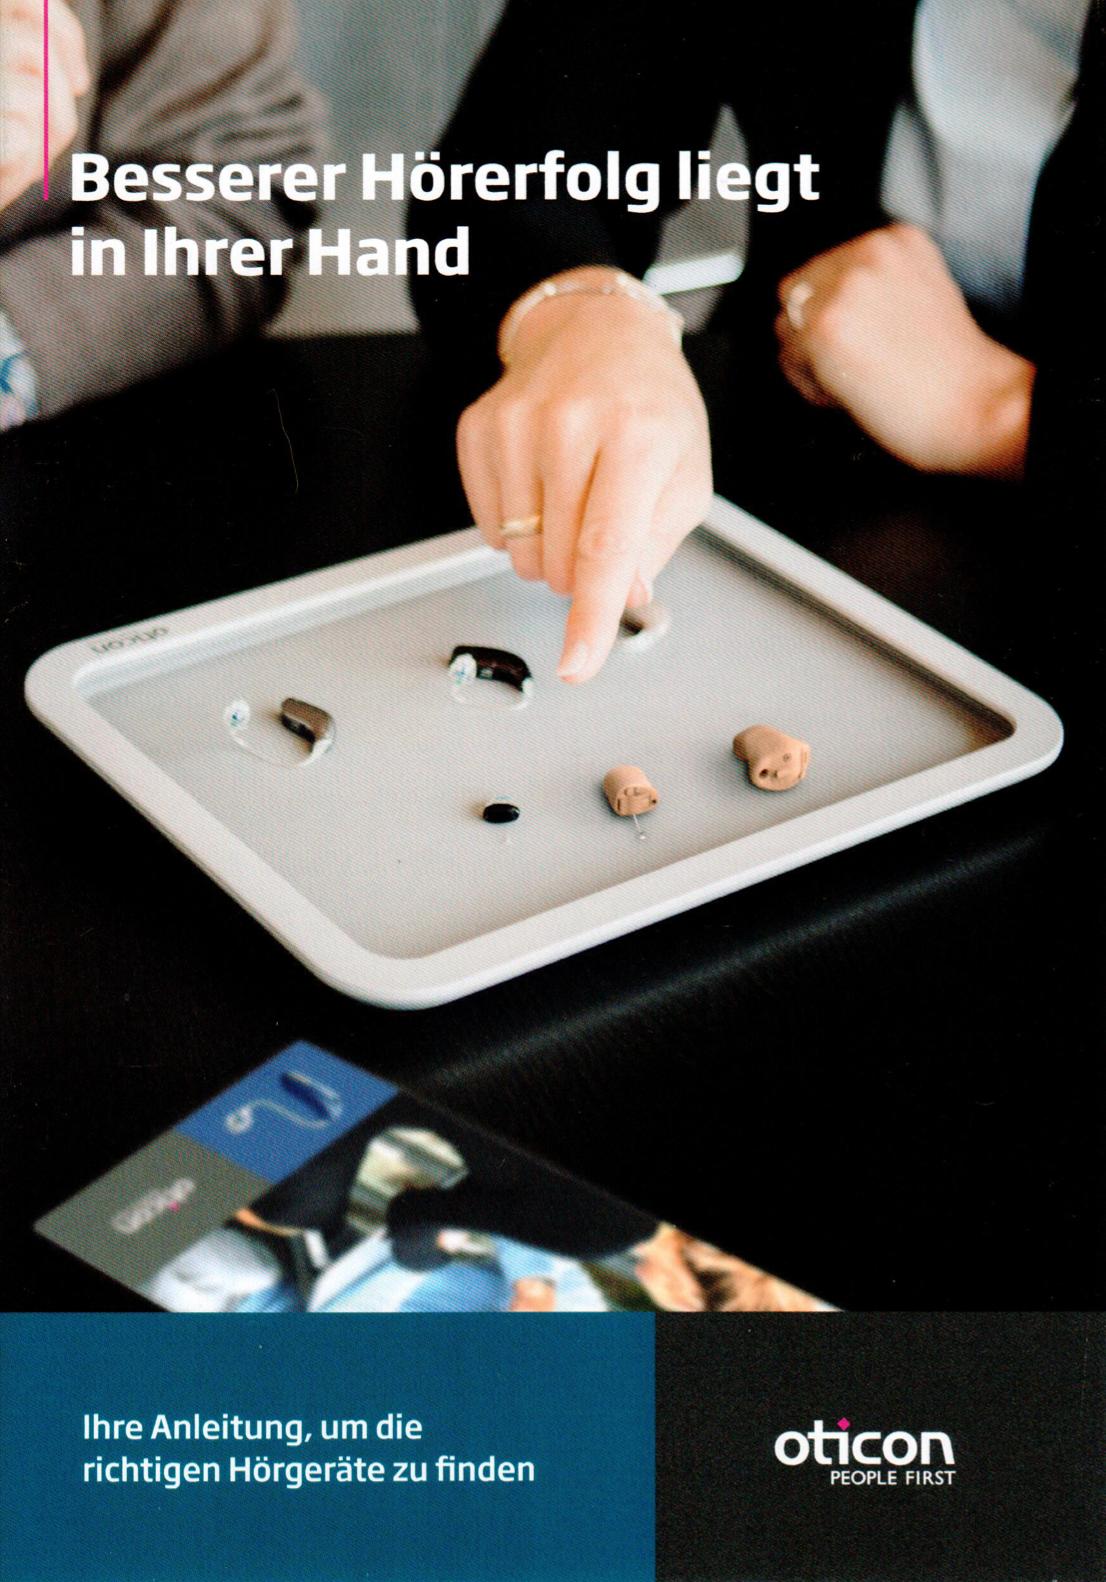 Broschüre: Besserer Hörerfolg liegt in Ihrer Hand